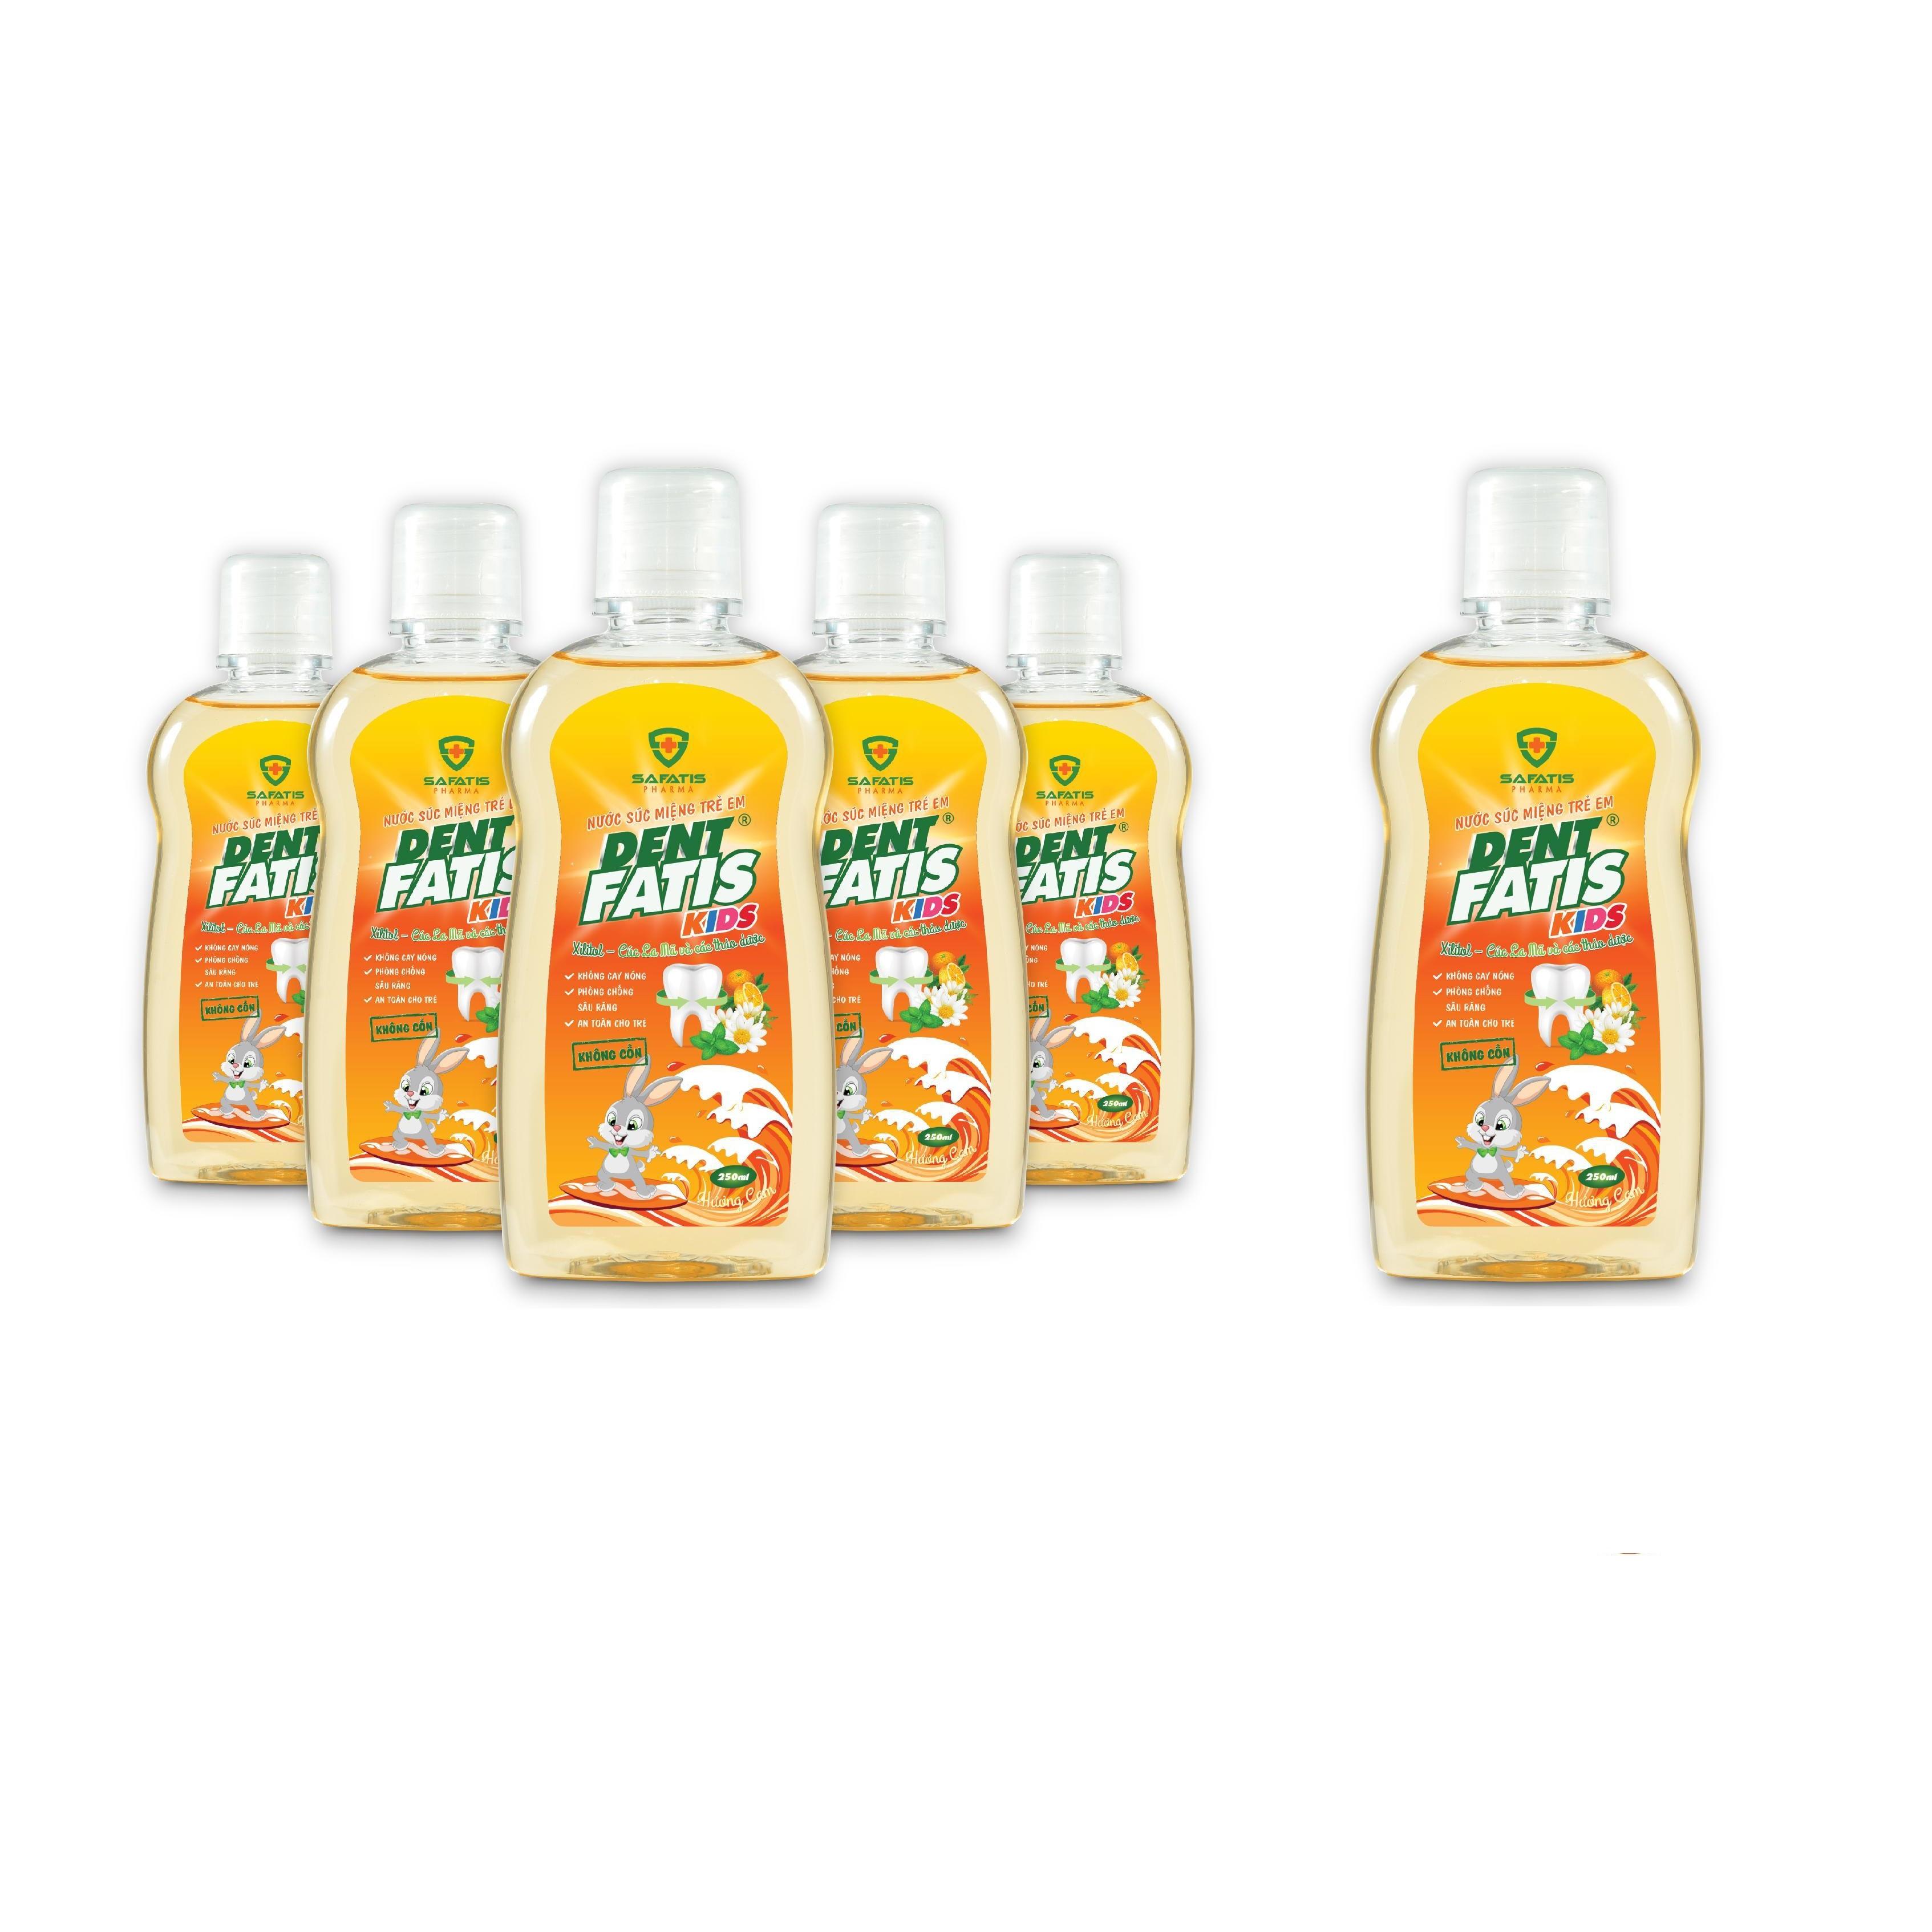 Combo 5 chai nước súc miệng trẻ em DentFatis Kids tặng kèm 01 chai nước súc miệng trẻ em DentFatis Kids